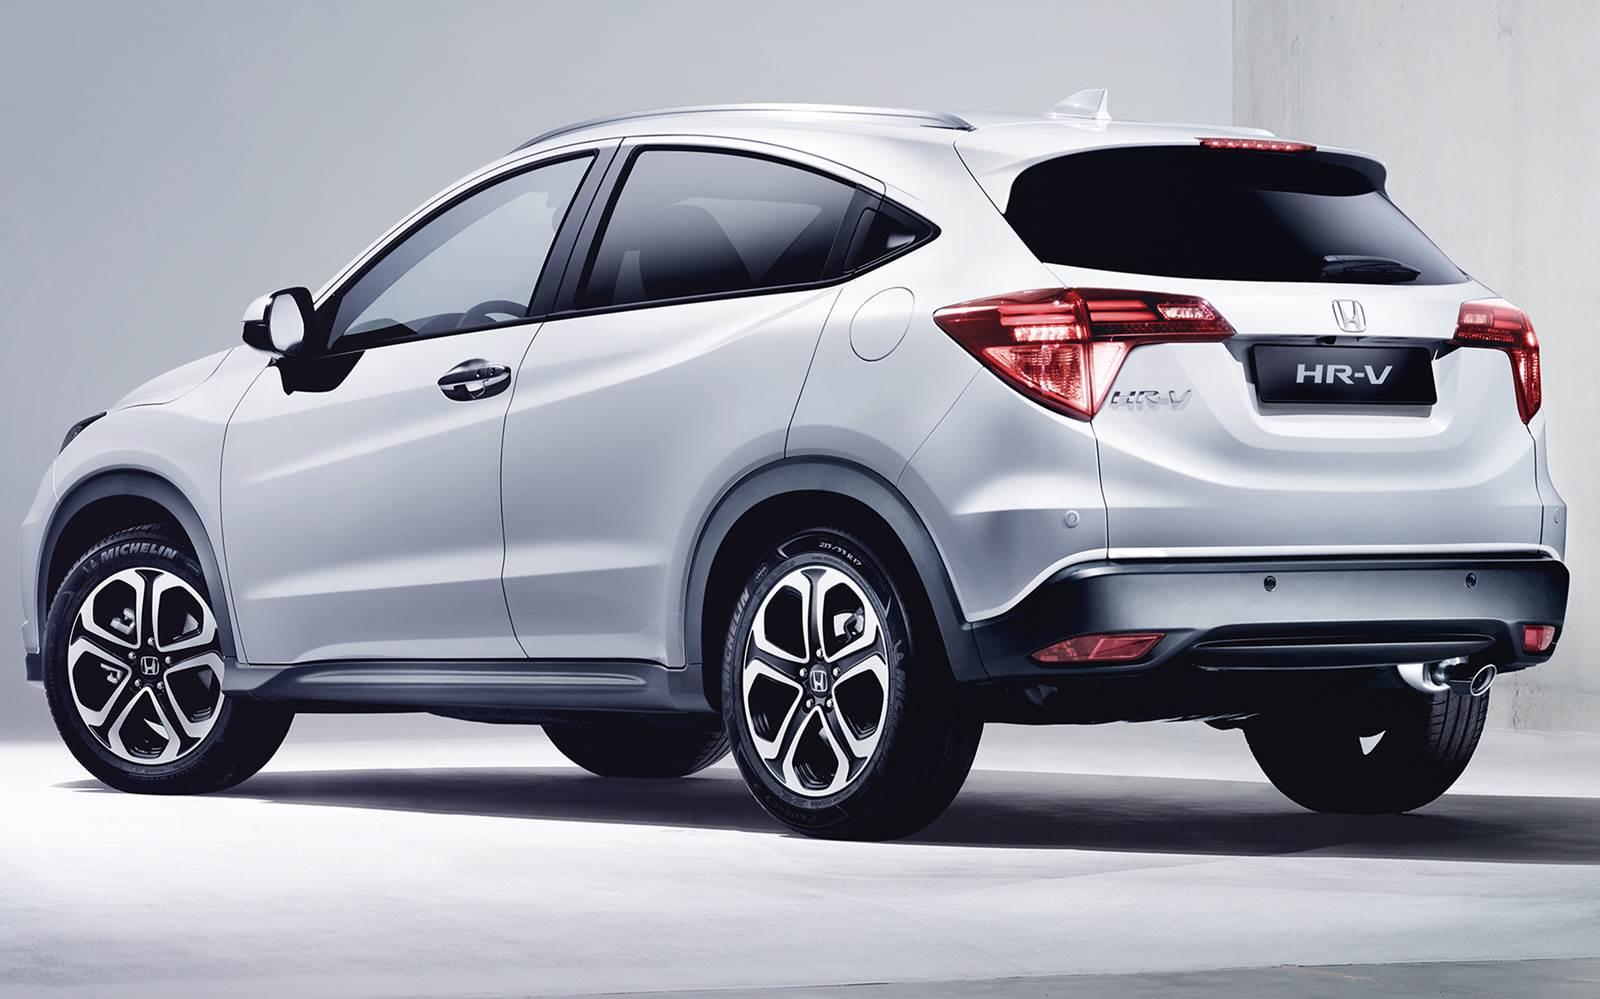 Novo Honda HR-V 2015 - versão europeia